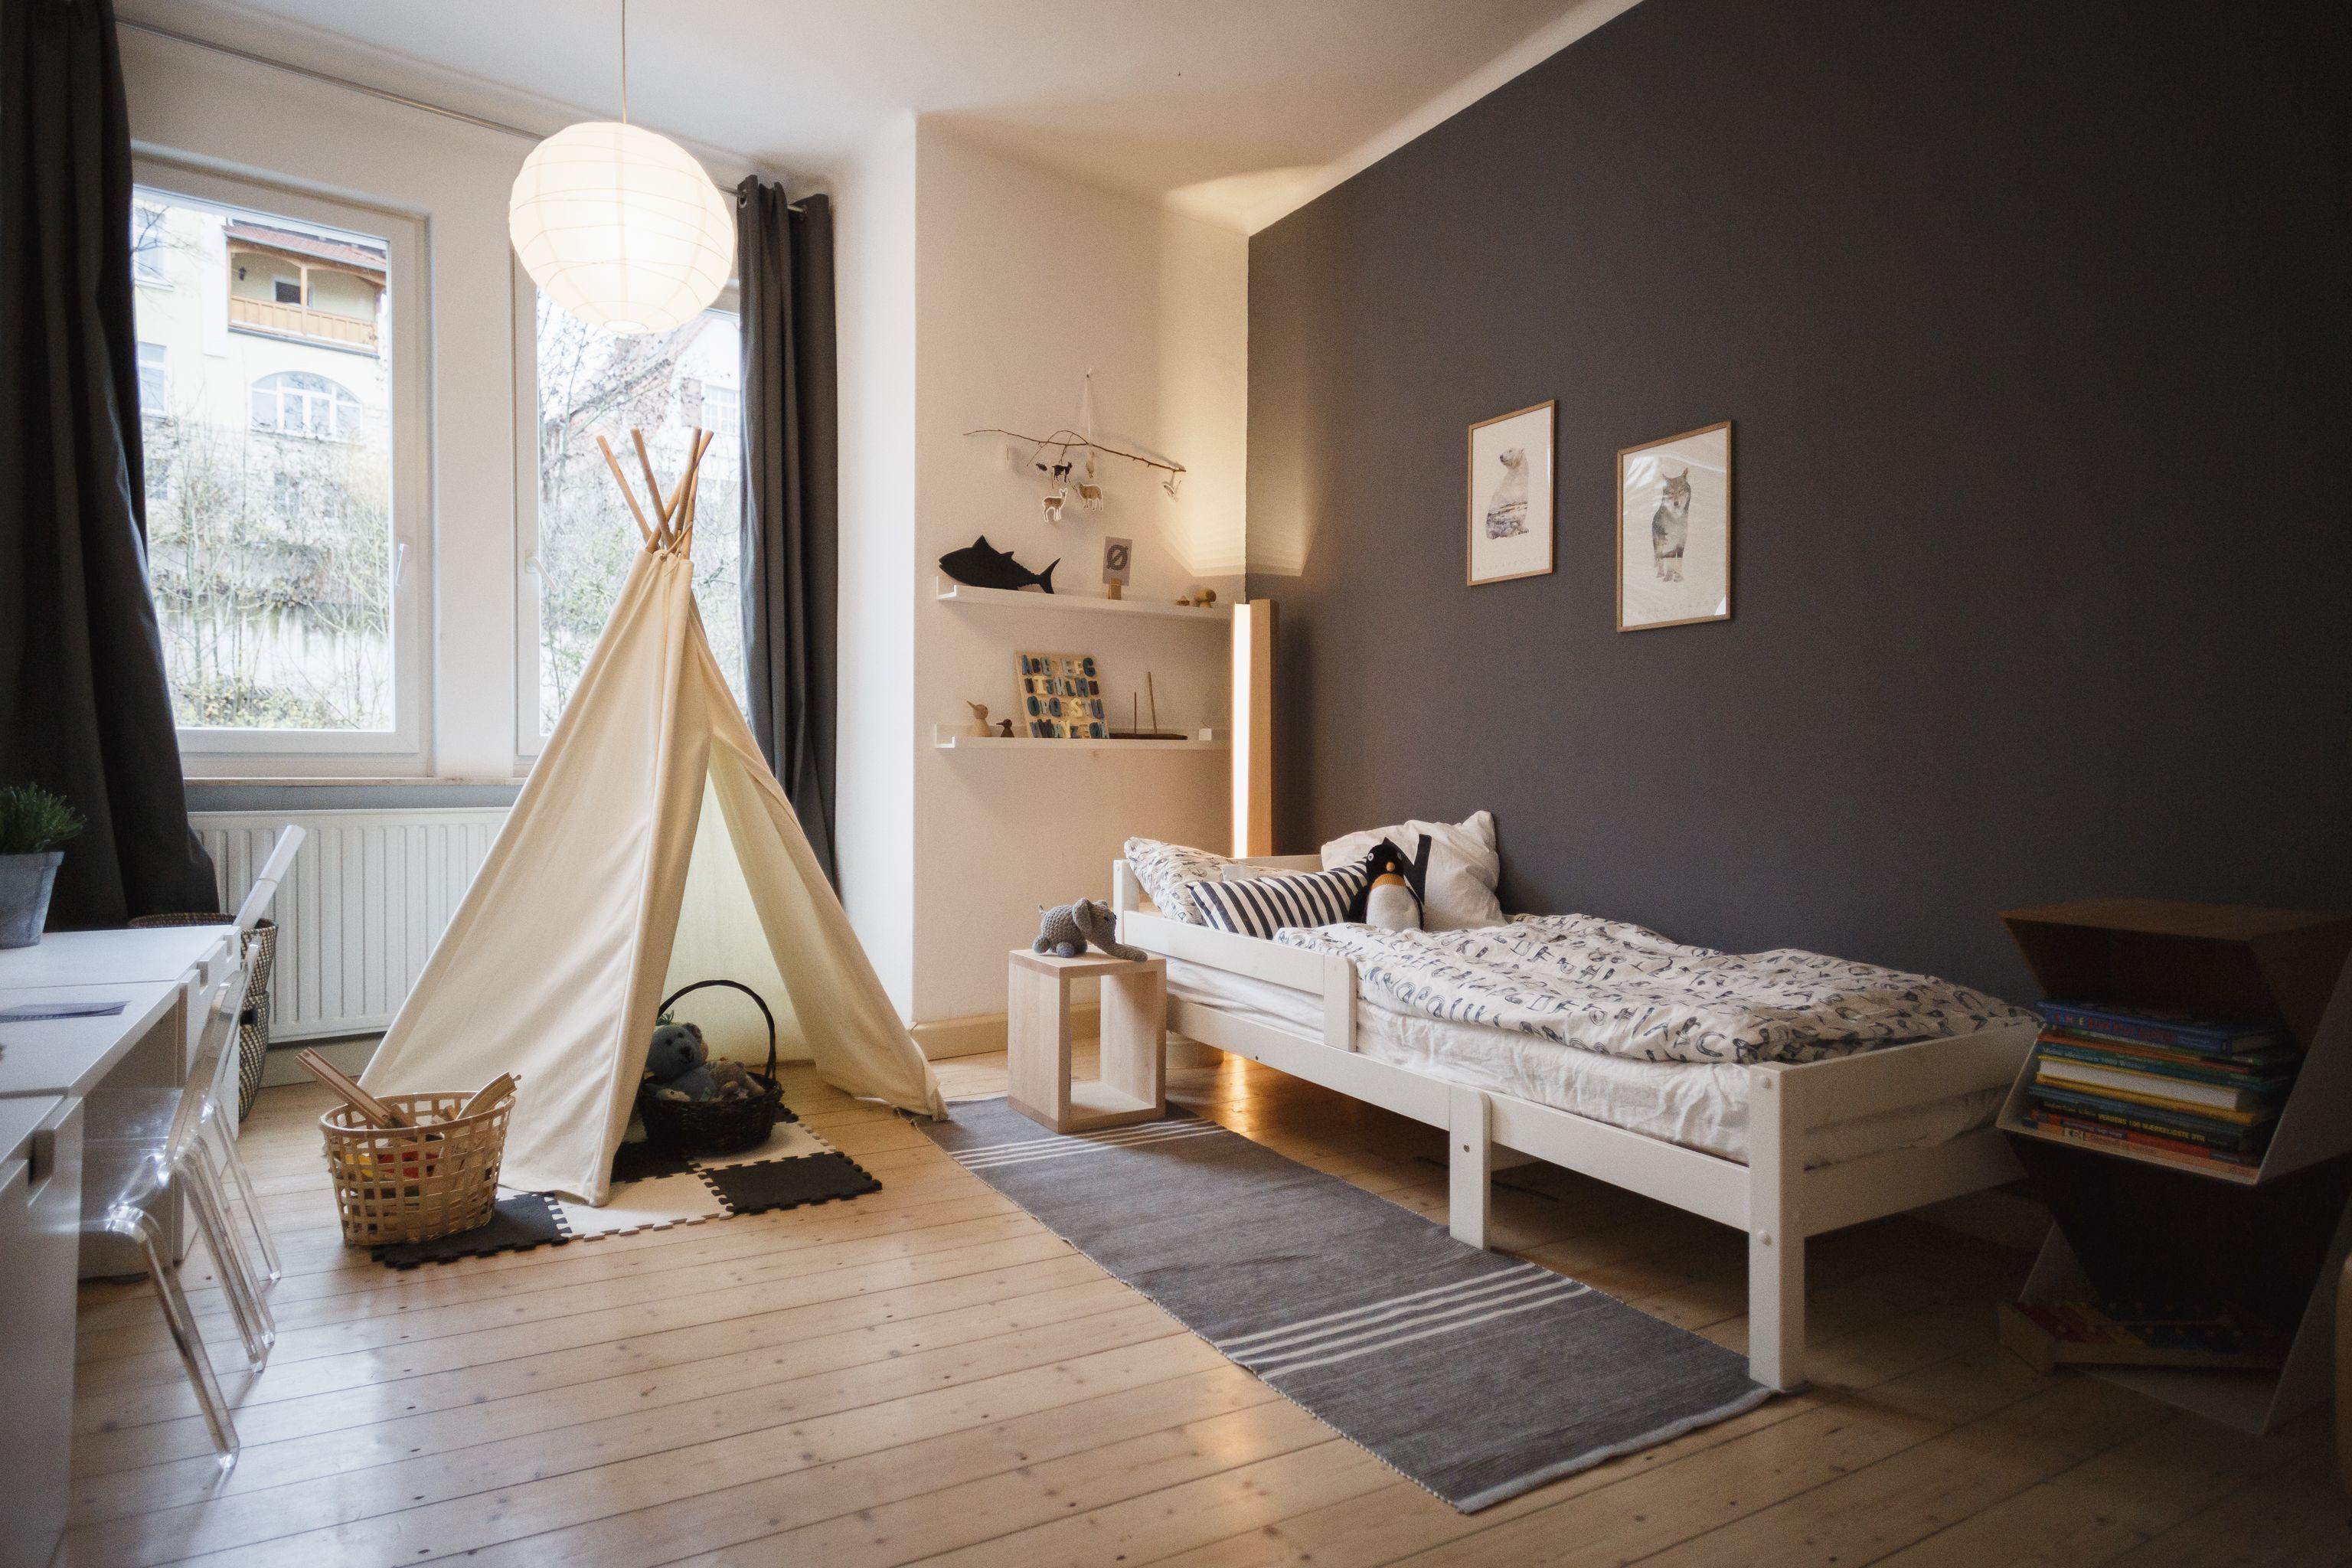 Modernes Kinderzimmer im skandinavischen Stil | Interieur ...